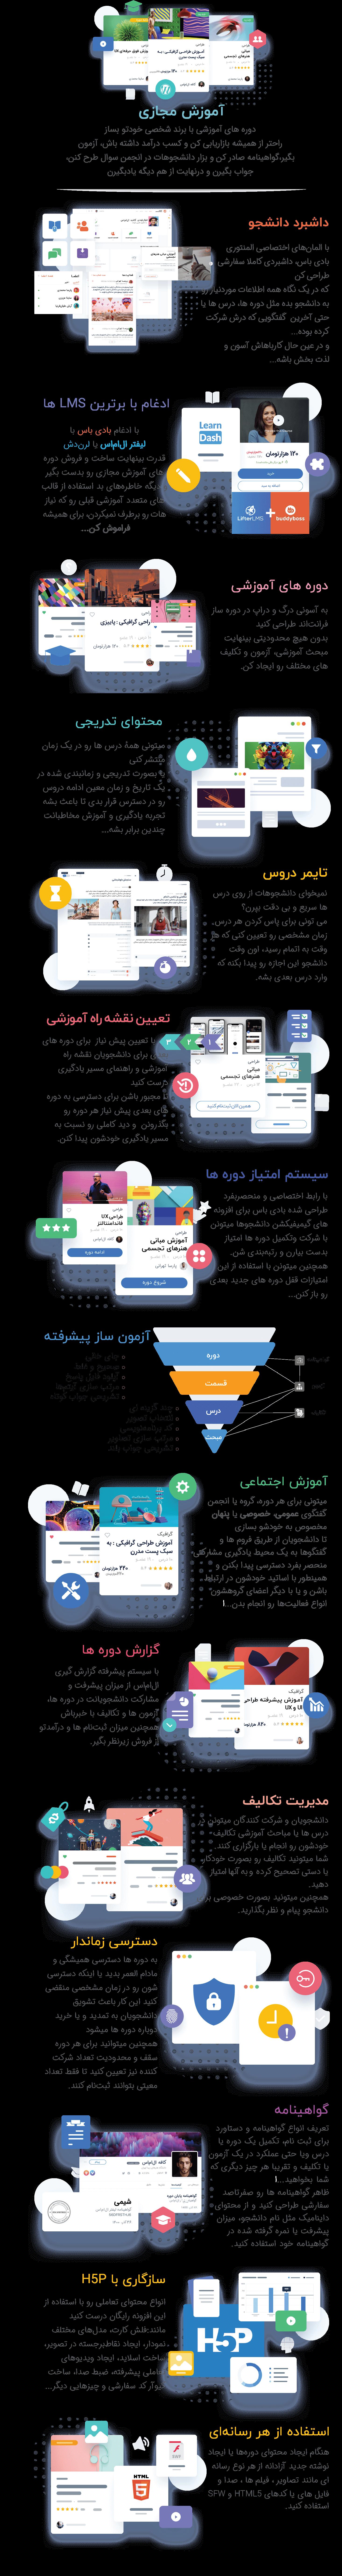 قالب شبکه اجتمایی و فروش ساخت دوره های آموزشی آنلاین وردپرسی بادی باس